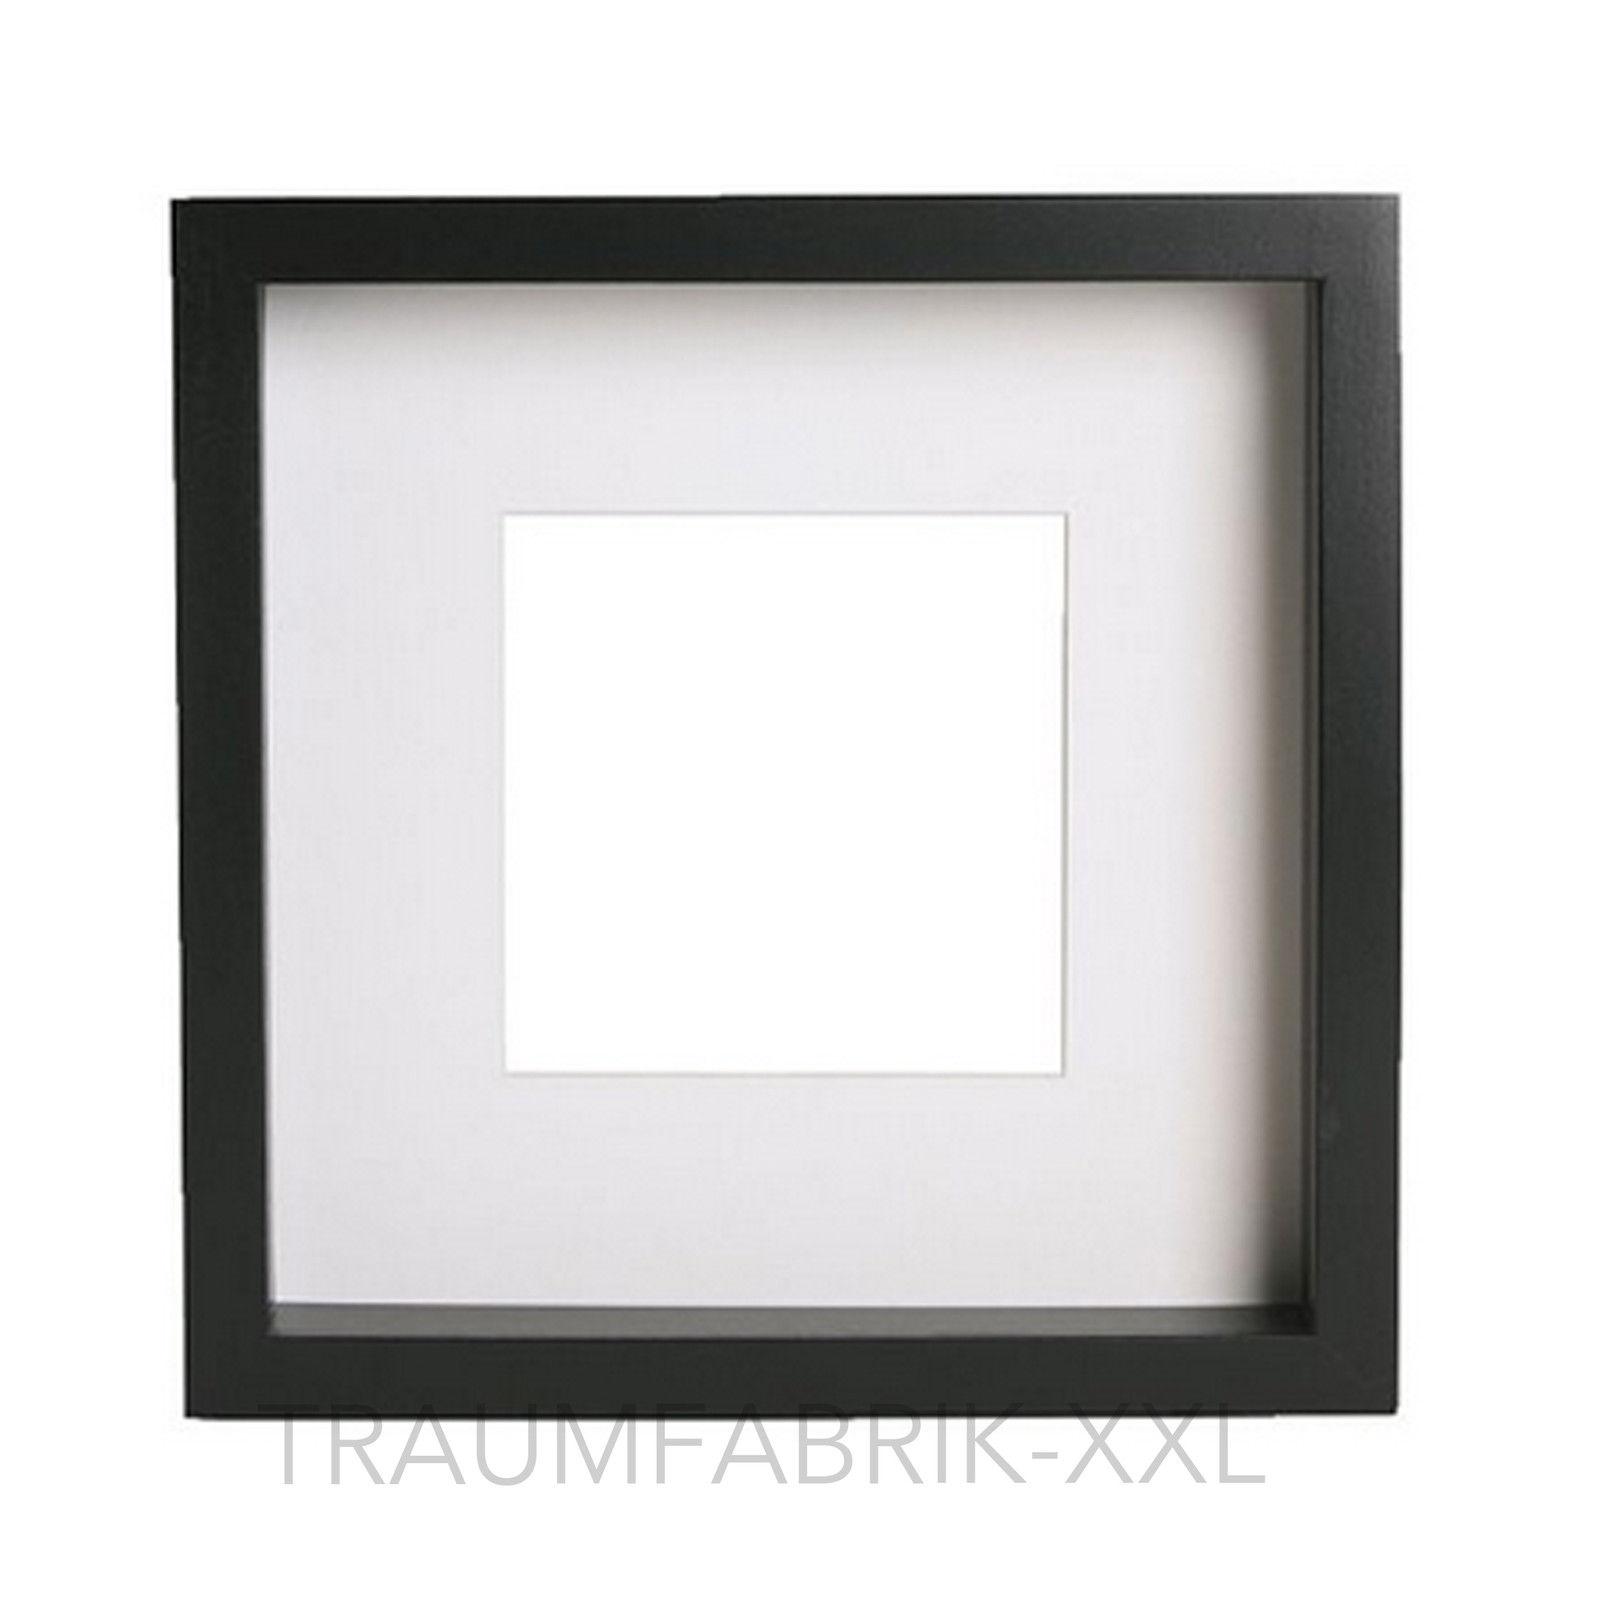 IKEA RIBBA Rahmen Schwarz 23x23x45 Cm Bilderrahmen Fotorahmen